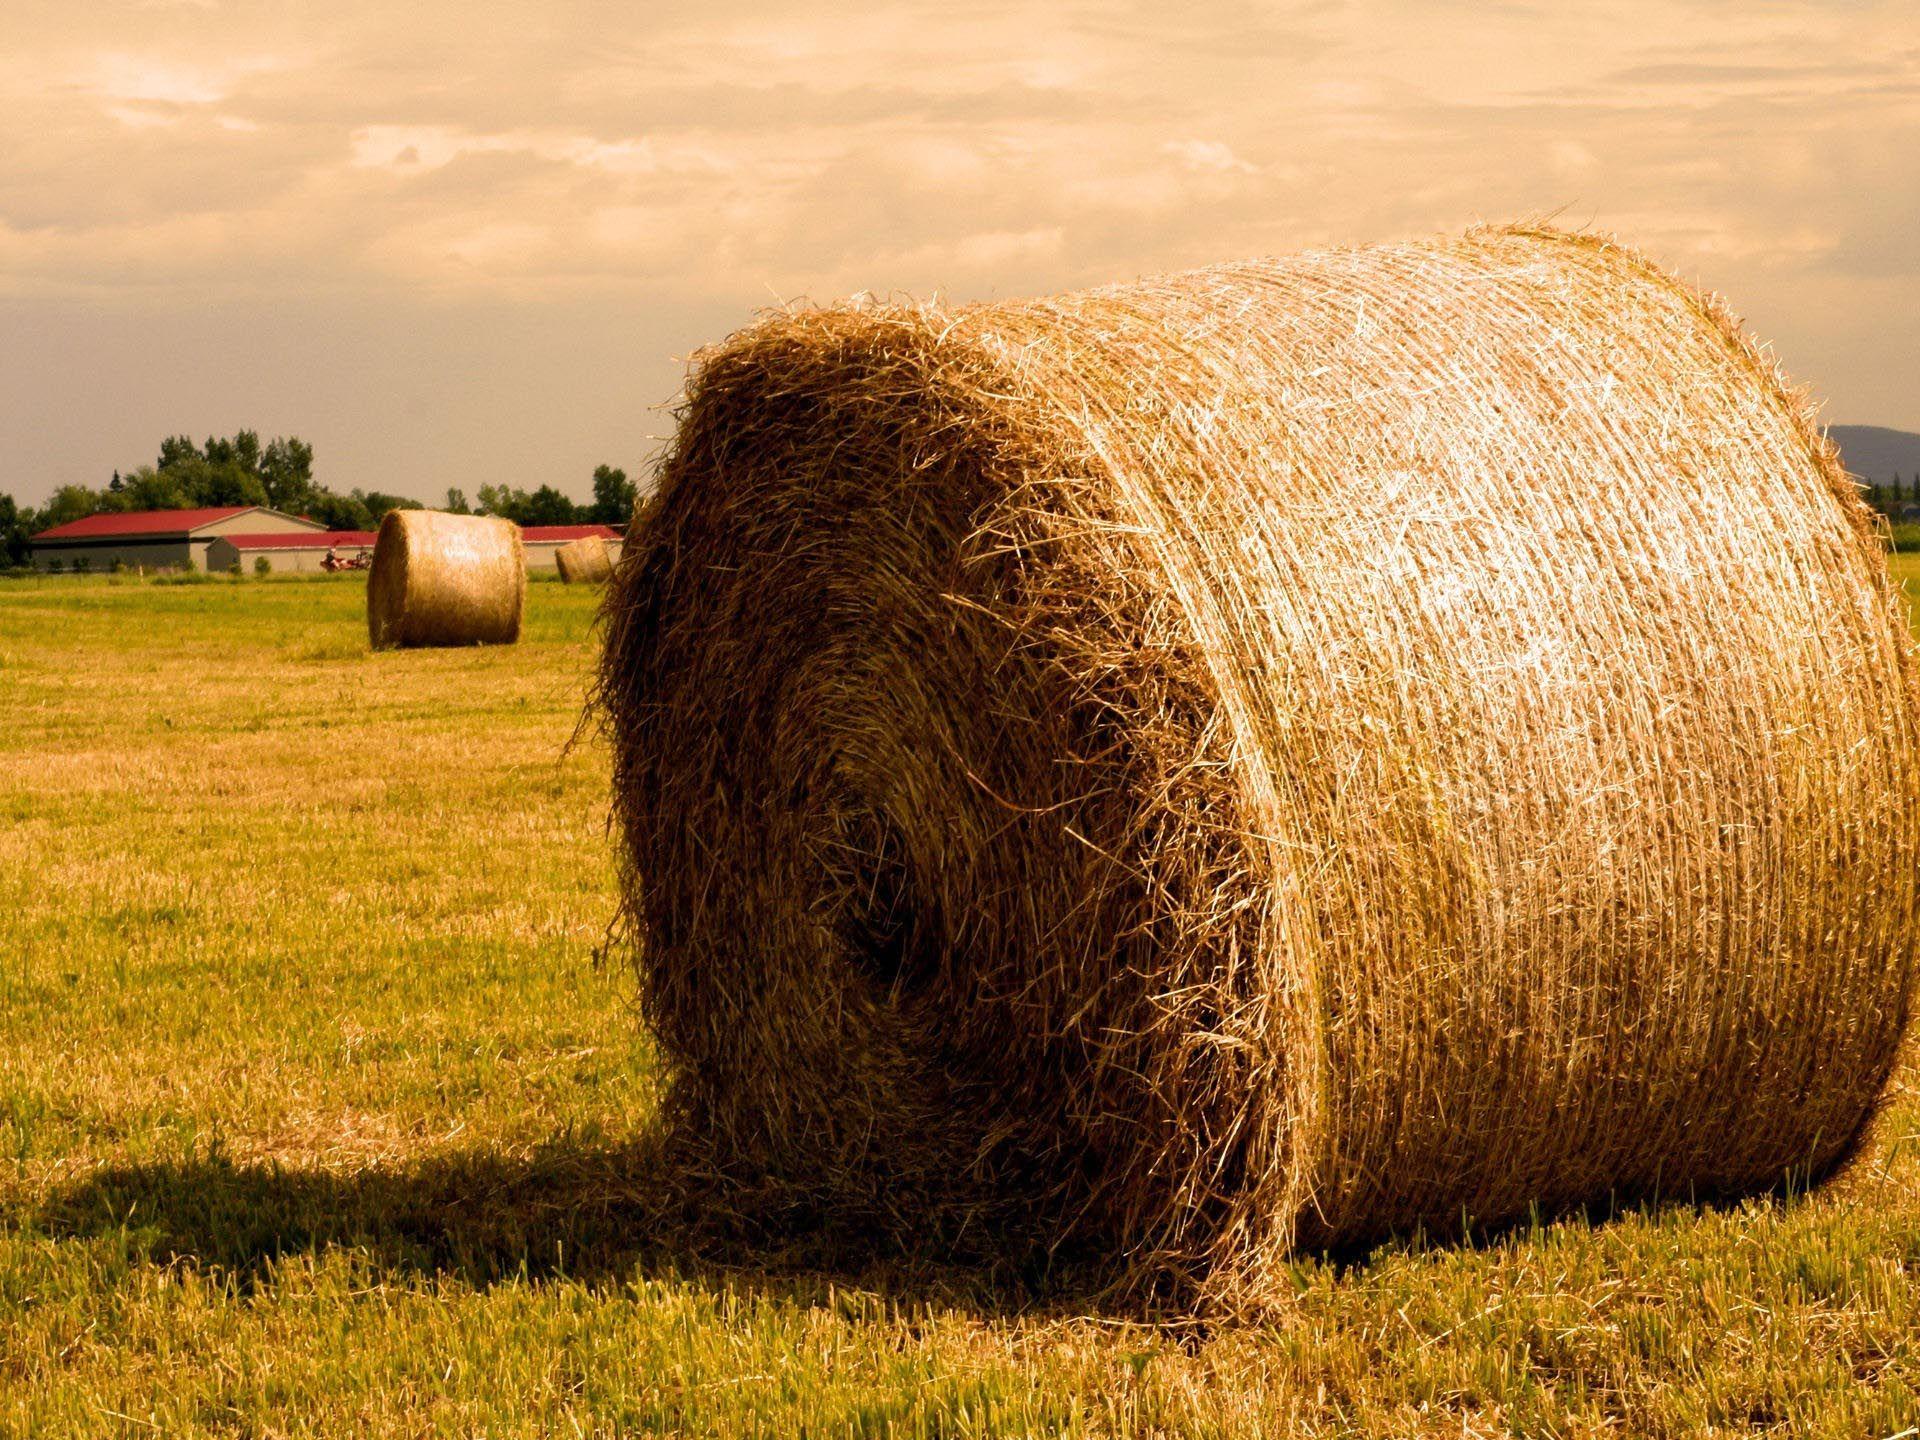 Пытаясь согреться, вологжанин сжег несколько тонн сена